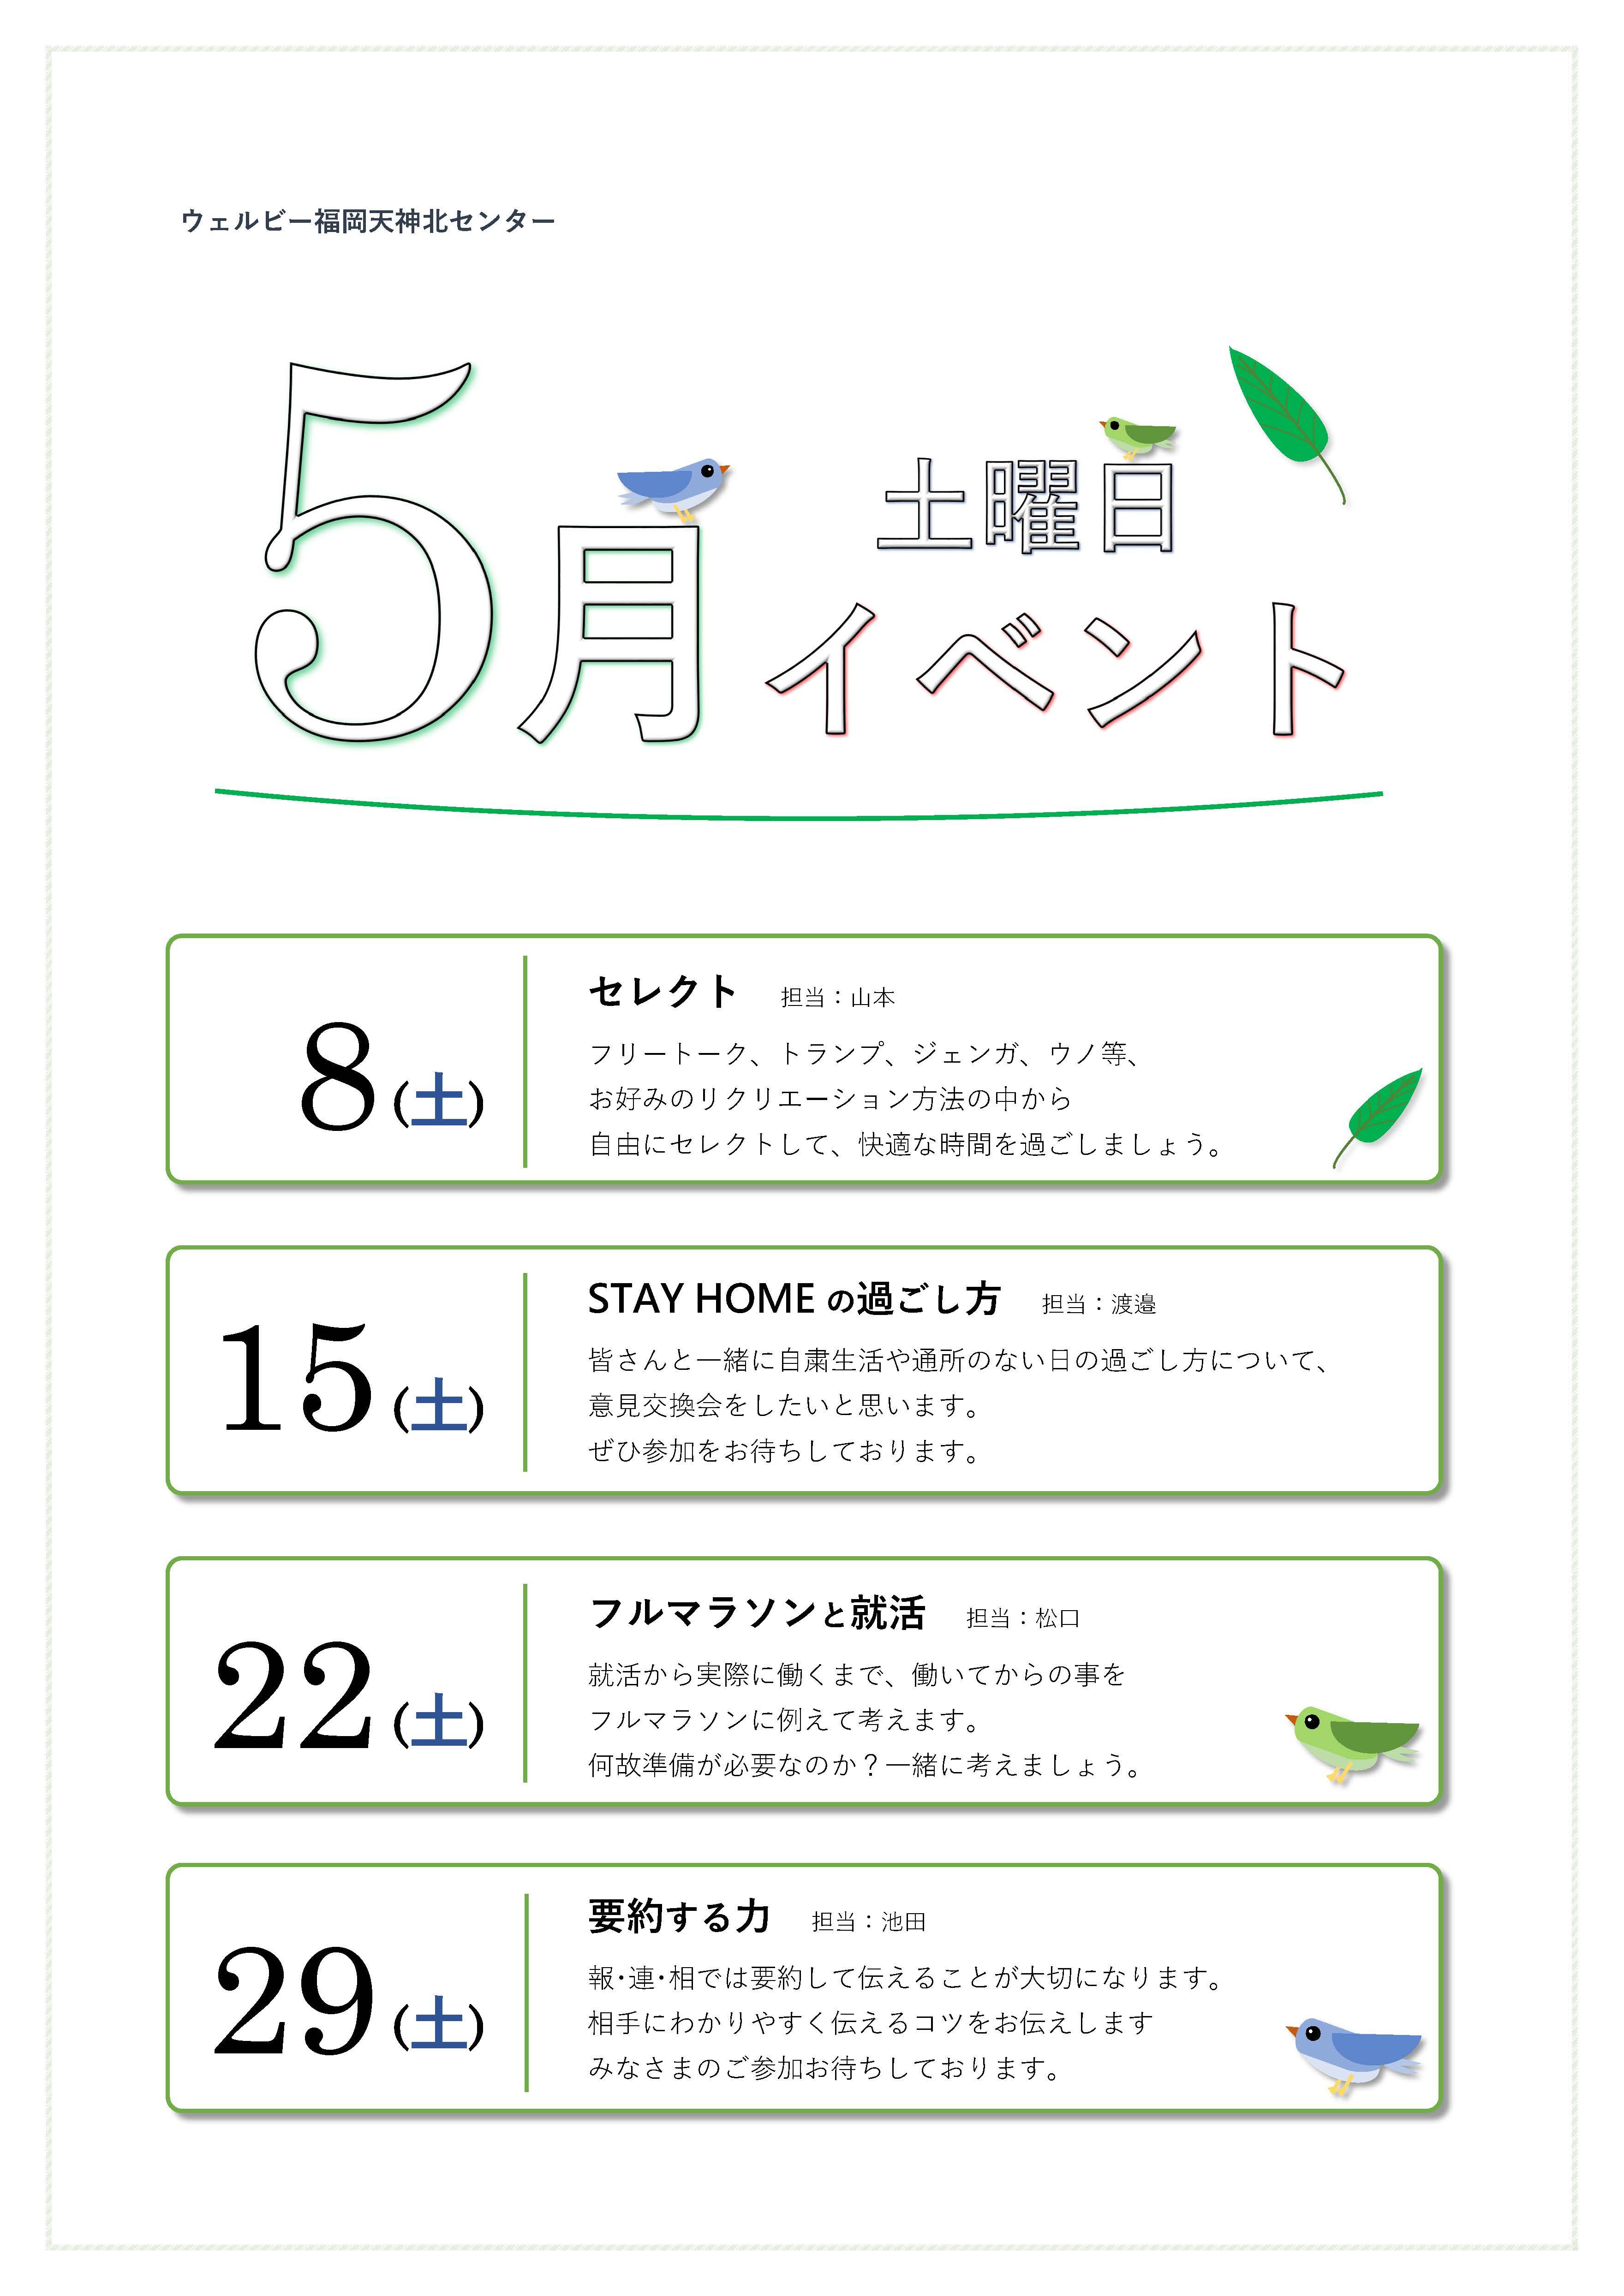 福岡天神北センター5月イベントチラシ